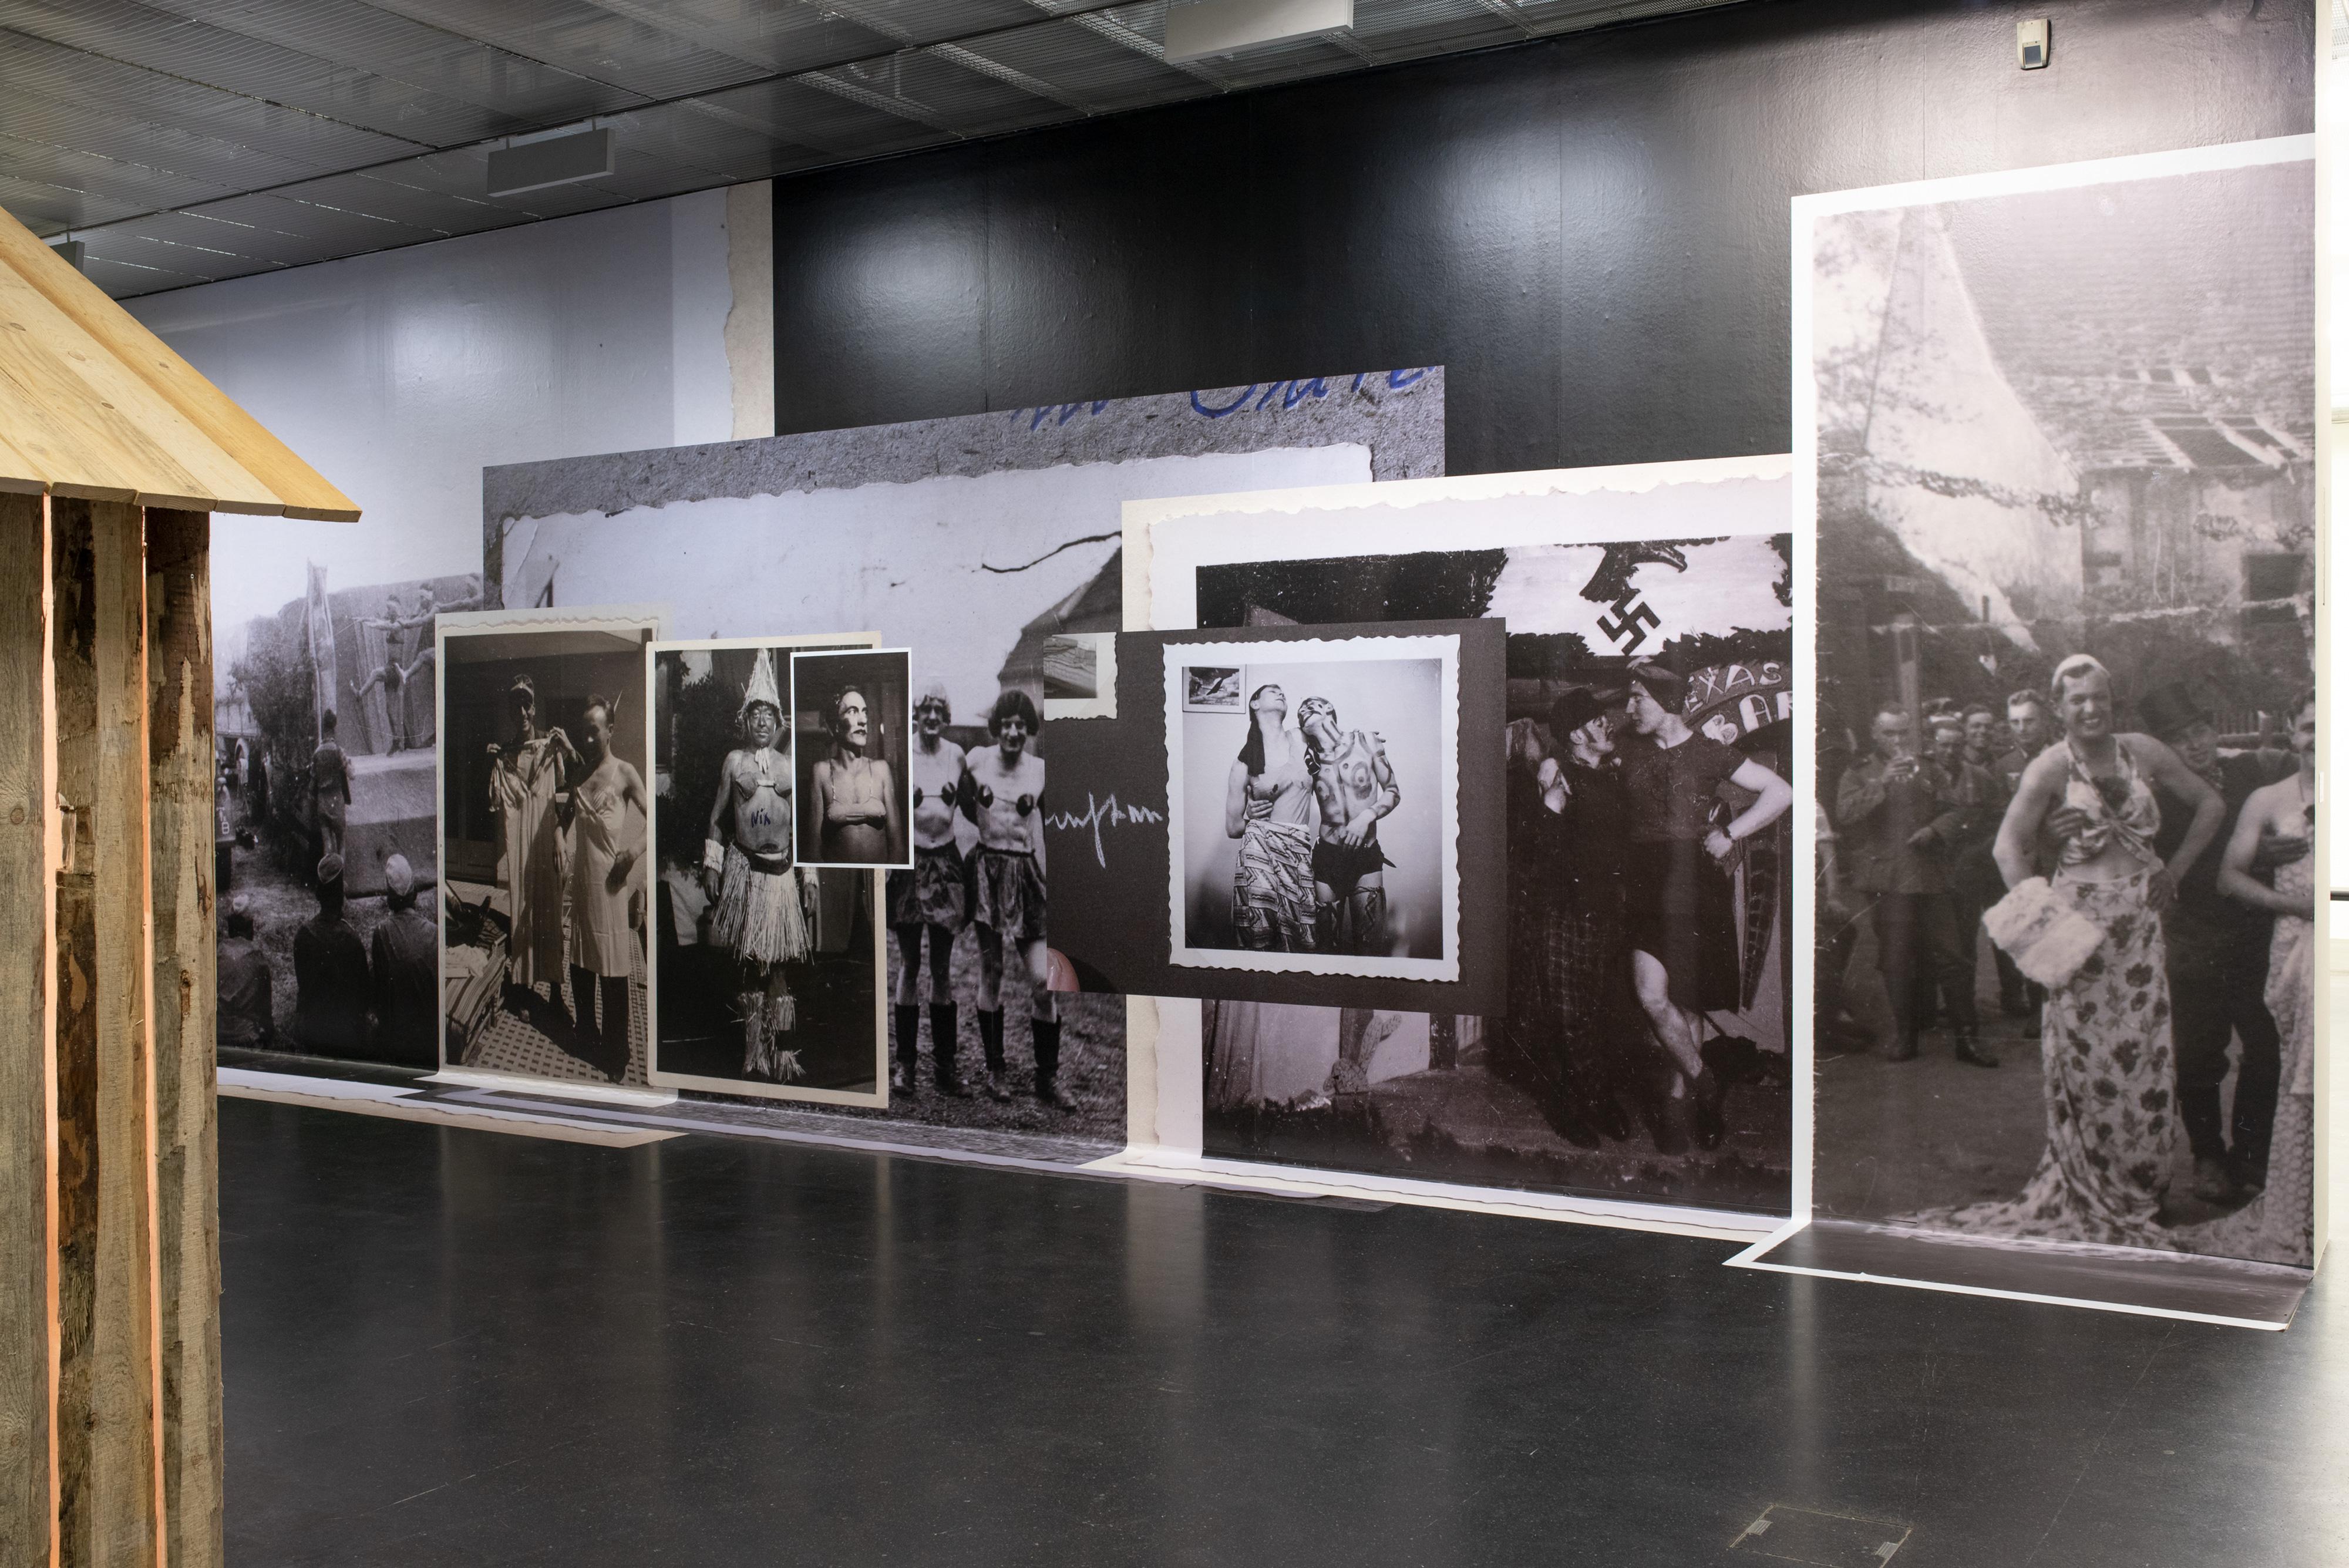 Galerie Barbara Thumm \ Martin Dammann – Transformation und Wiederkehr – Lentos Museum Linz